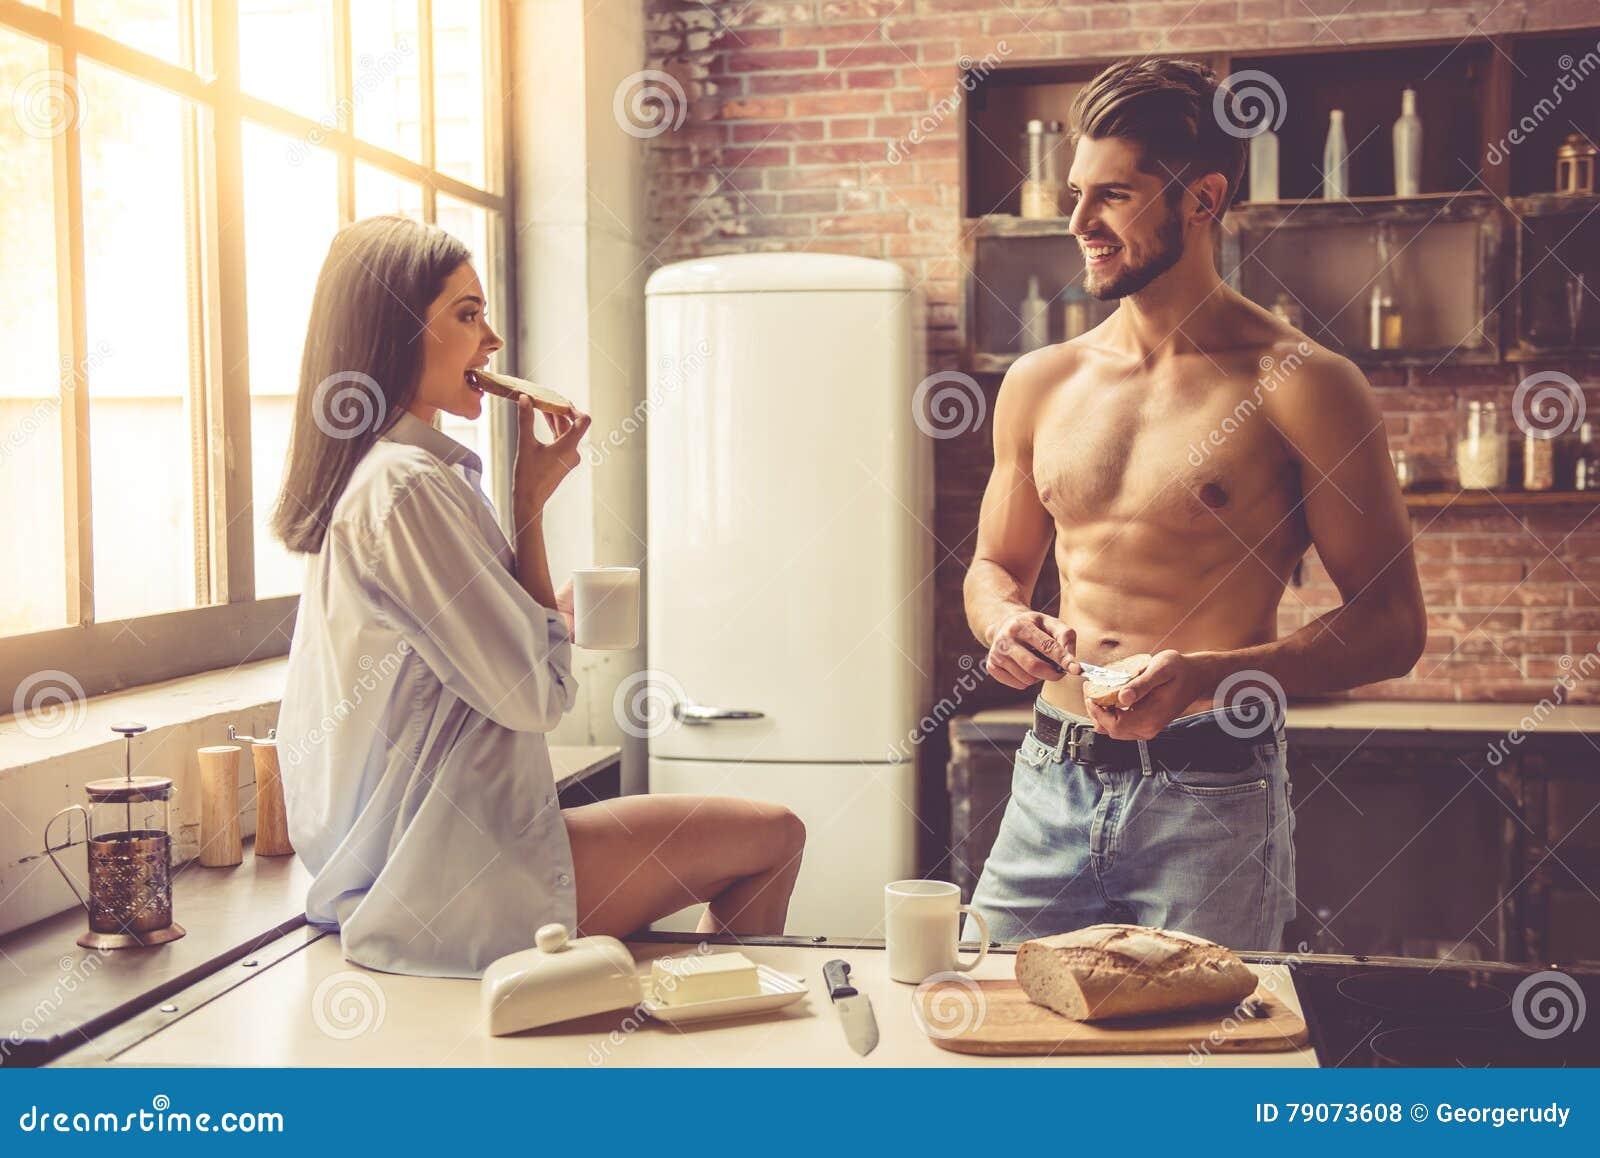 Секс на кухне в гостях, Порно на Кухне, смотреть видео Секс на Кухне 21 фотография